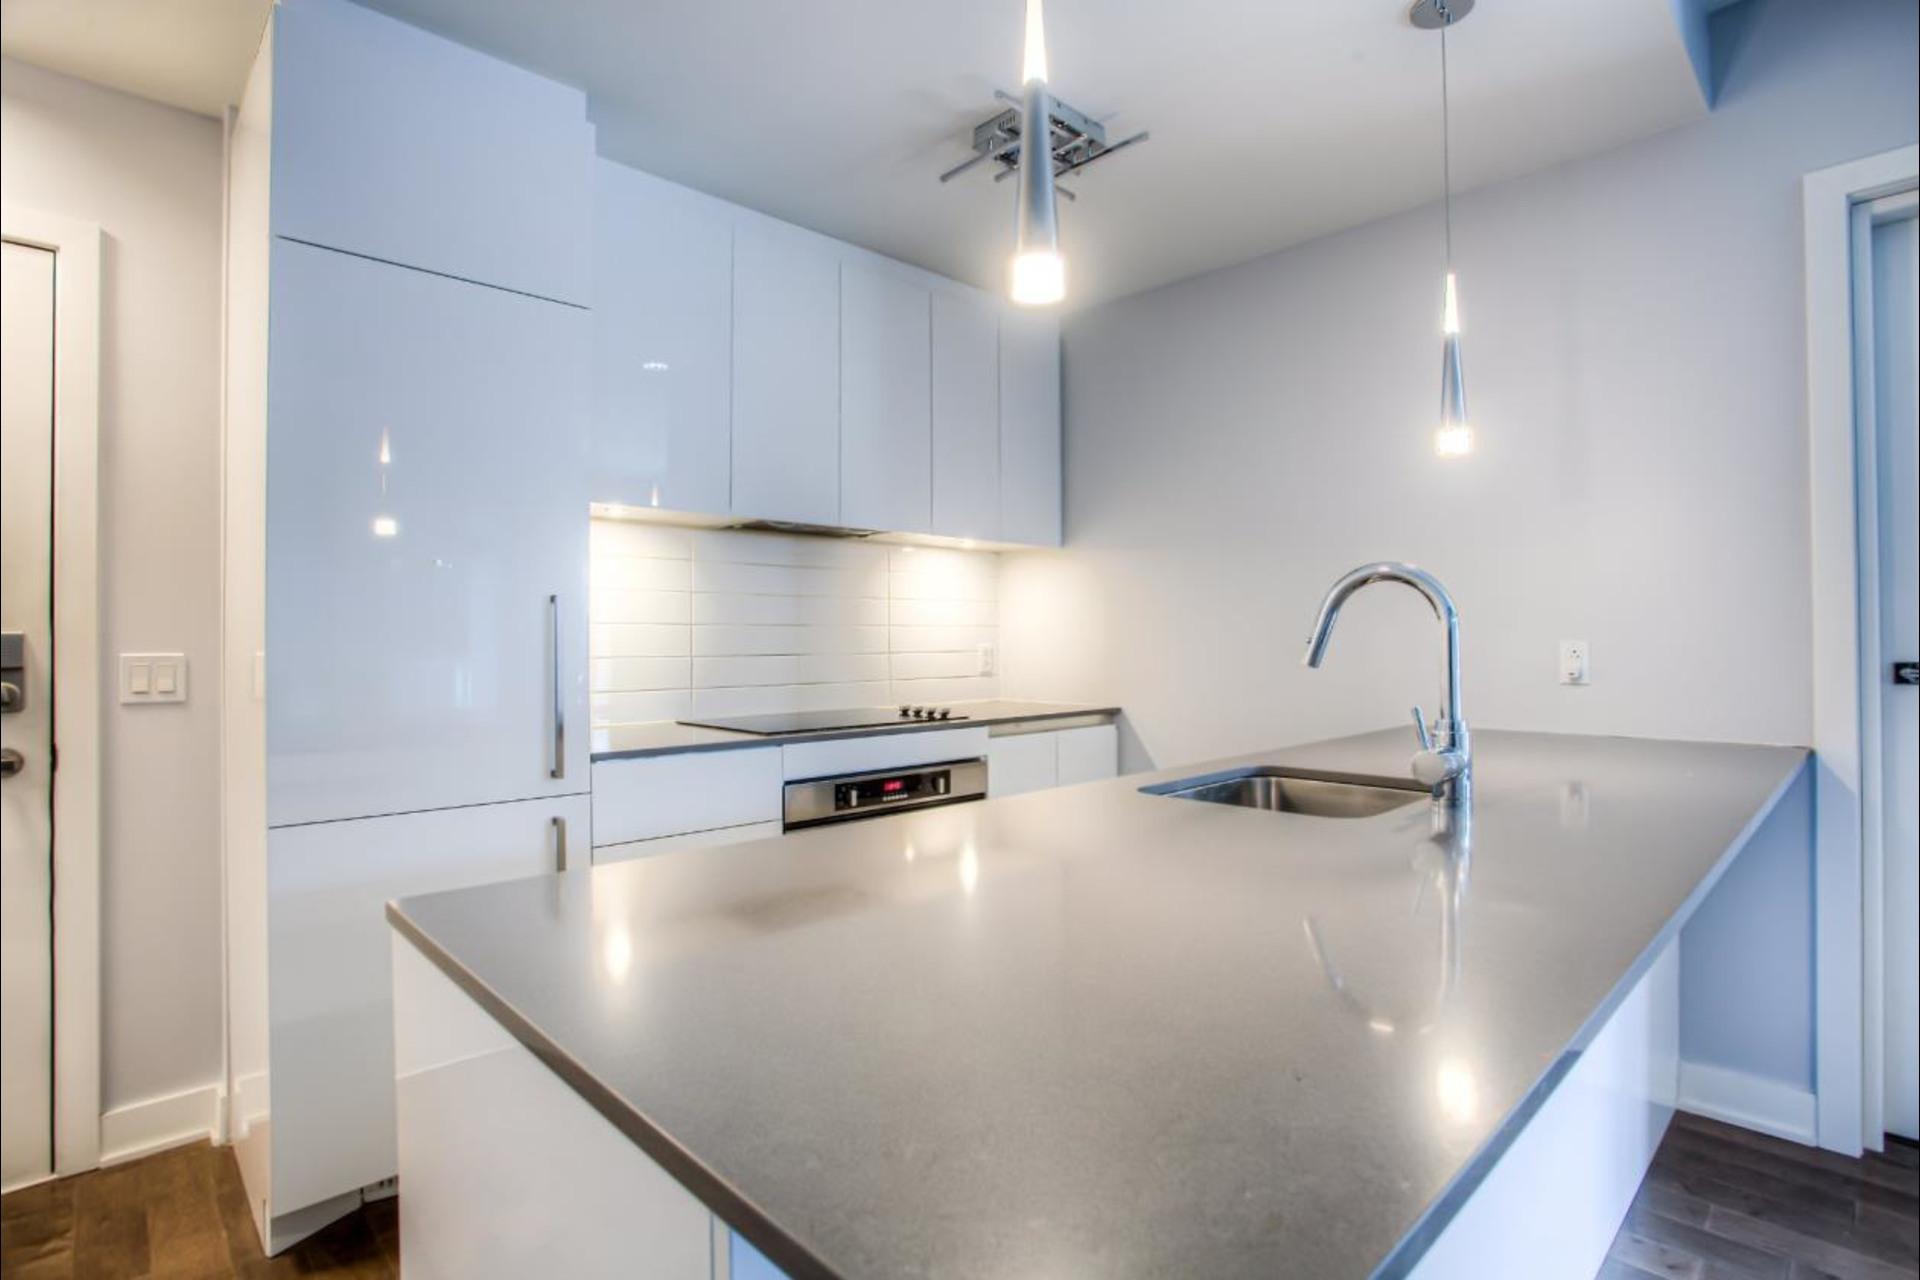 image 2 - Condo For rent Montréal - 6 rooms